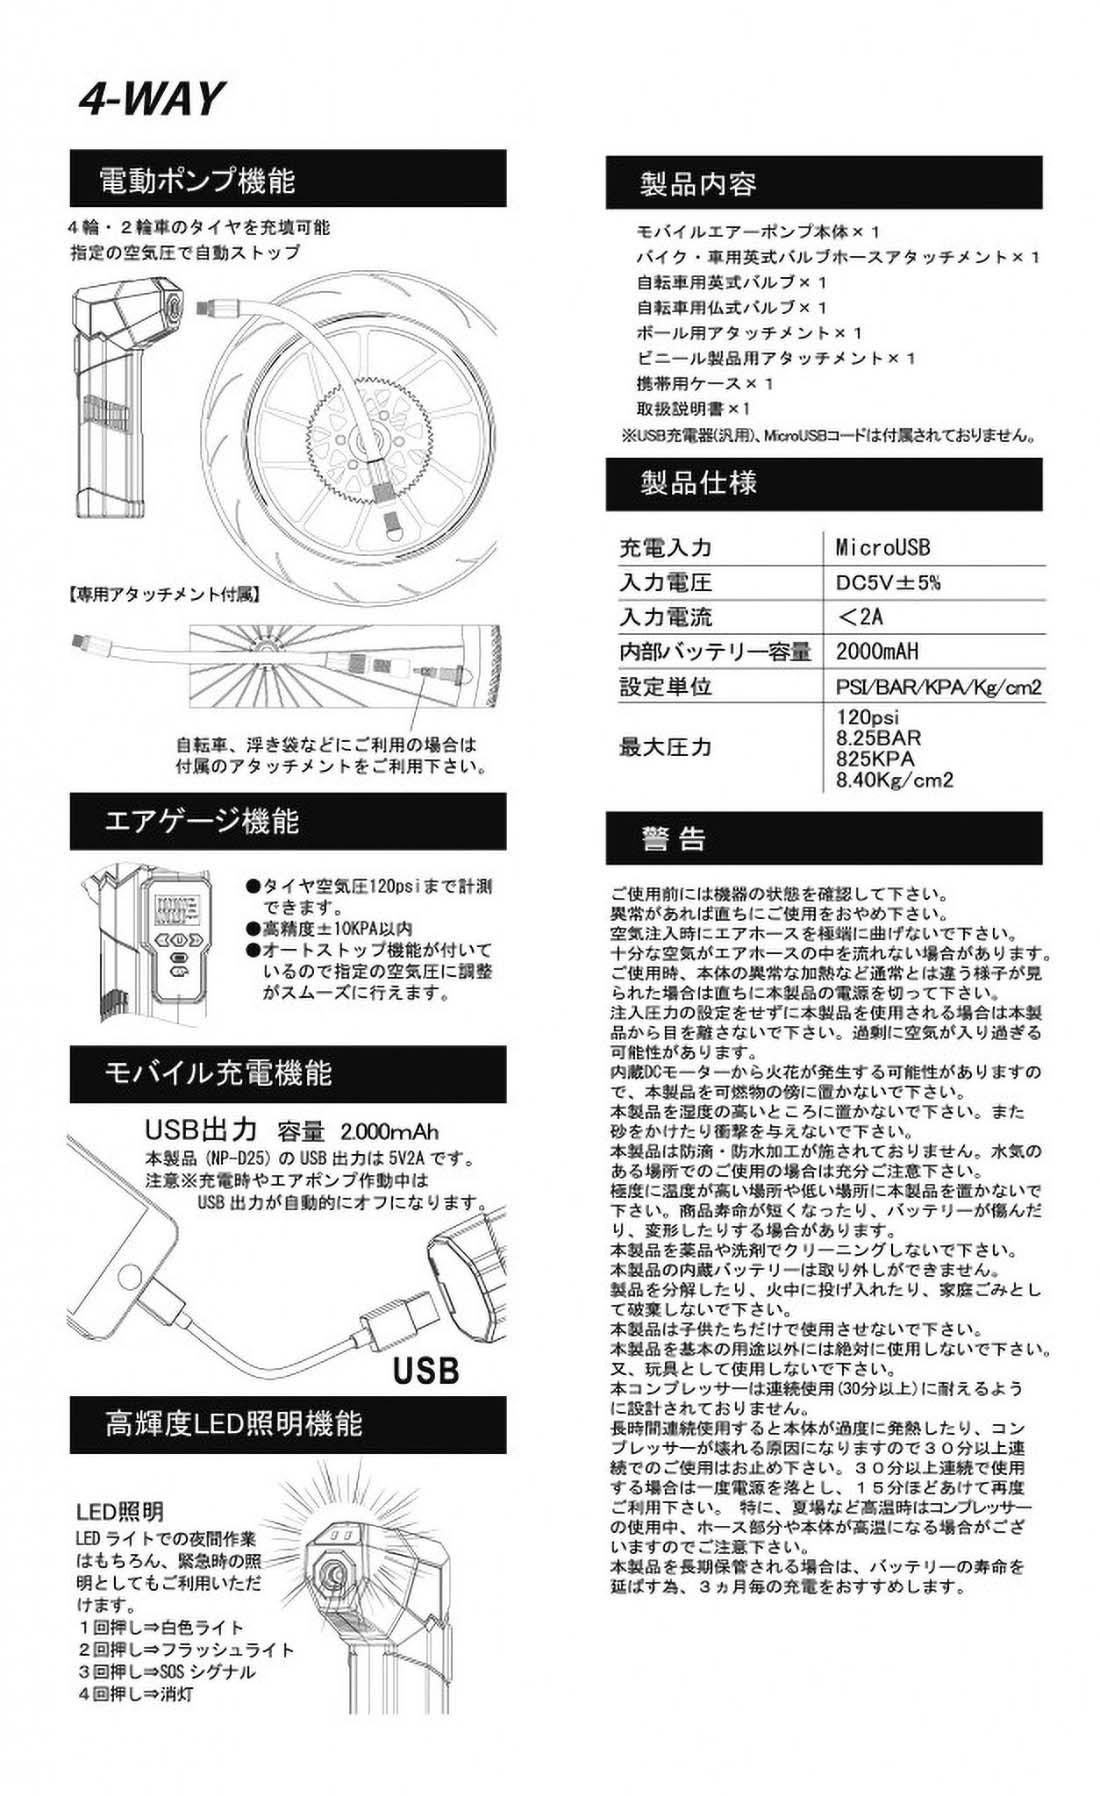 NP-D25 モバイルエアーポンプ